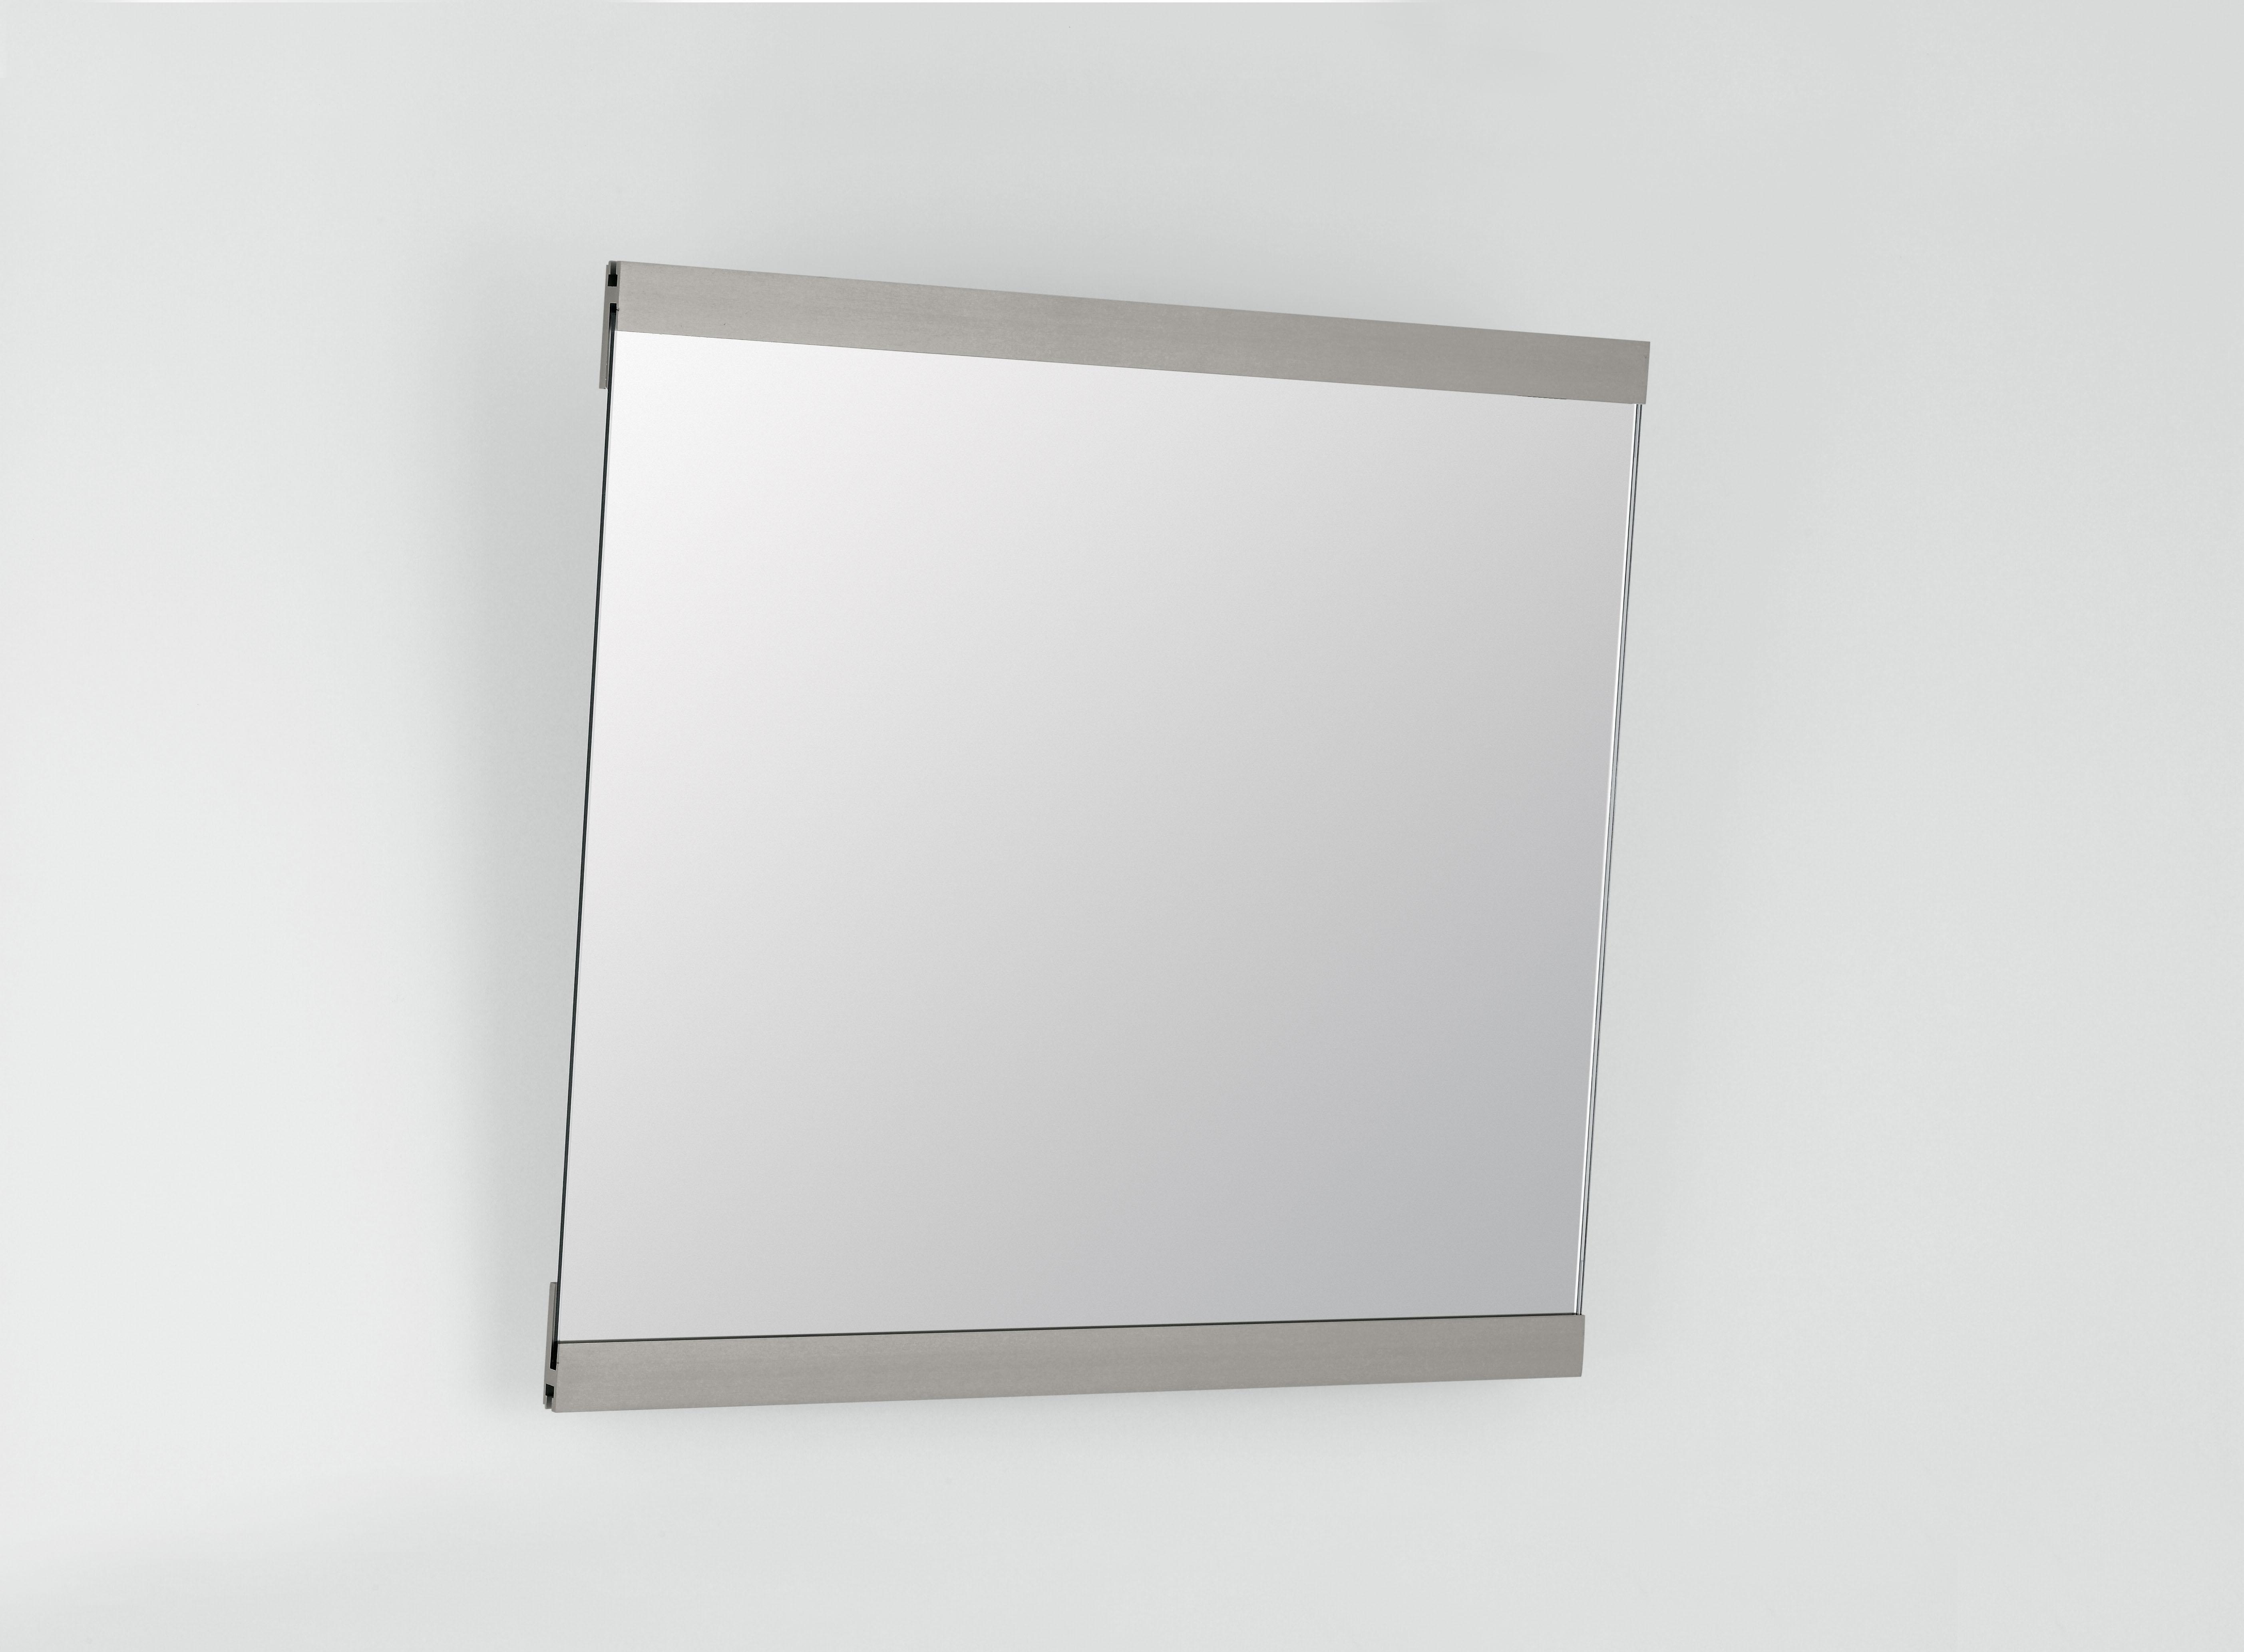 Kippspiegel mit Rahmen Alu